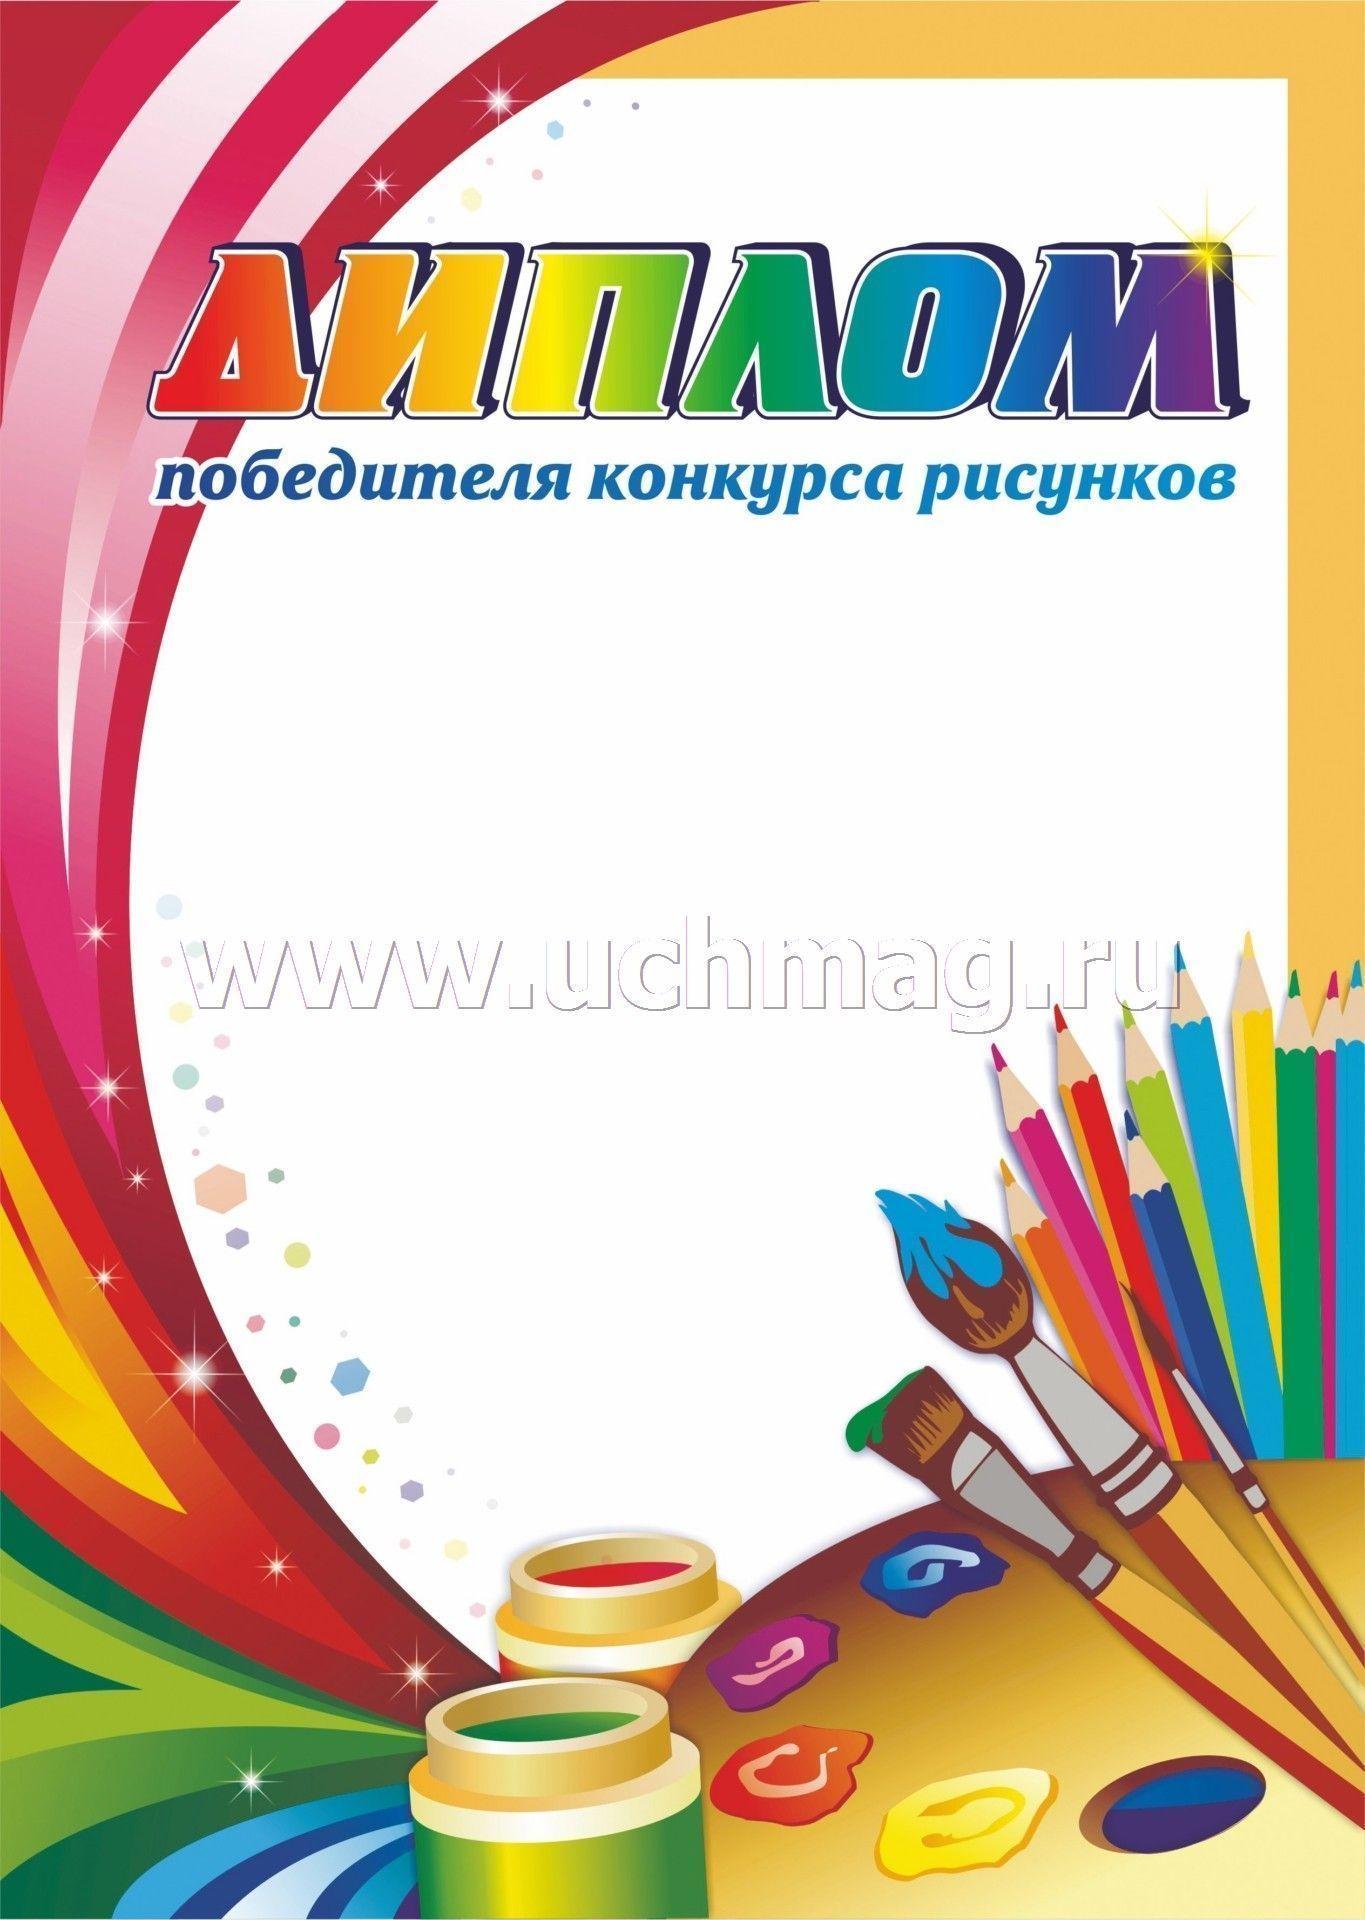 Диплом победителя конкурса рисунков купить по цене руб в  Диплом победителя конкурса рисунков интернет магазин УчМаг